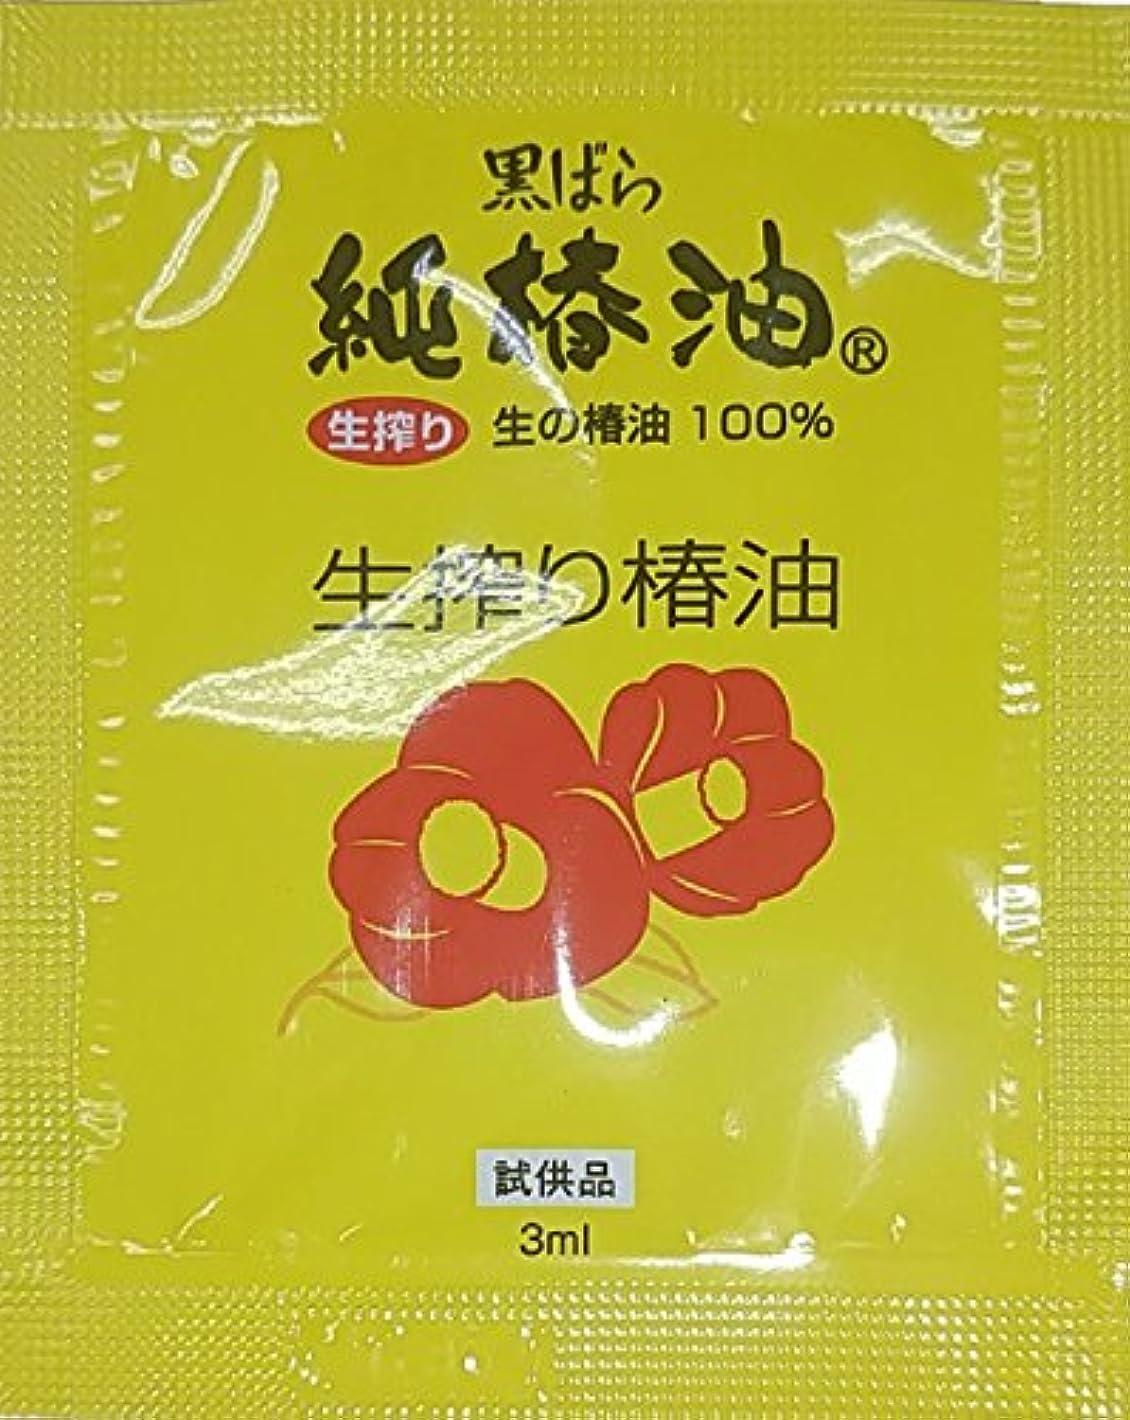 矩形精神ポーター純椿油ミニサイズ3ml【実質無料サンプルストア対象】